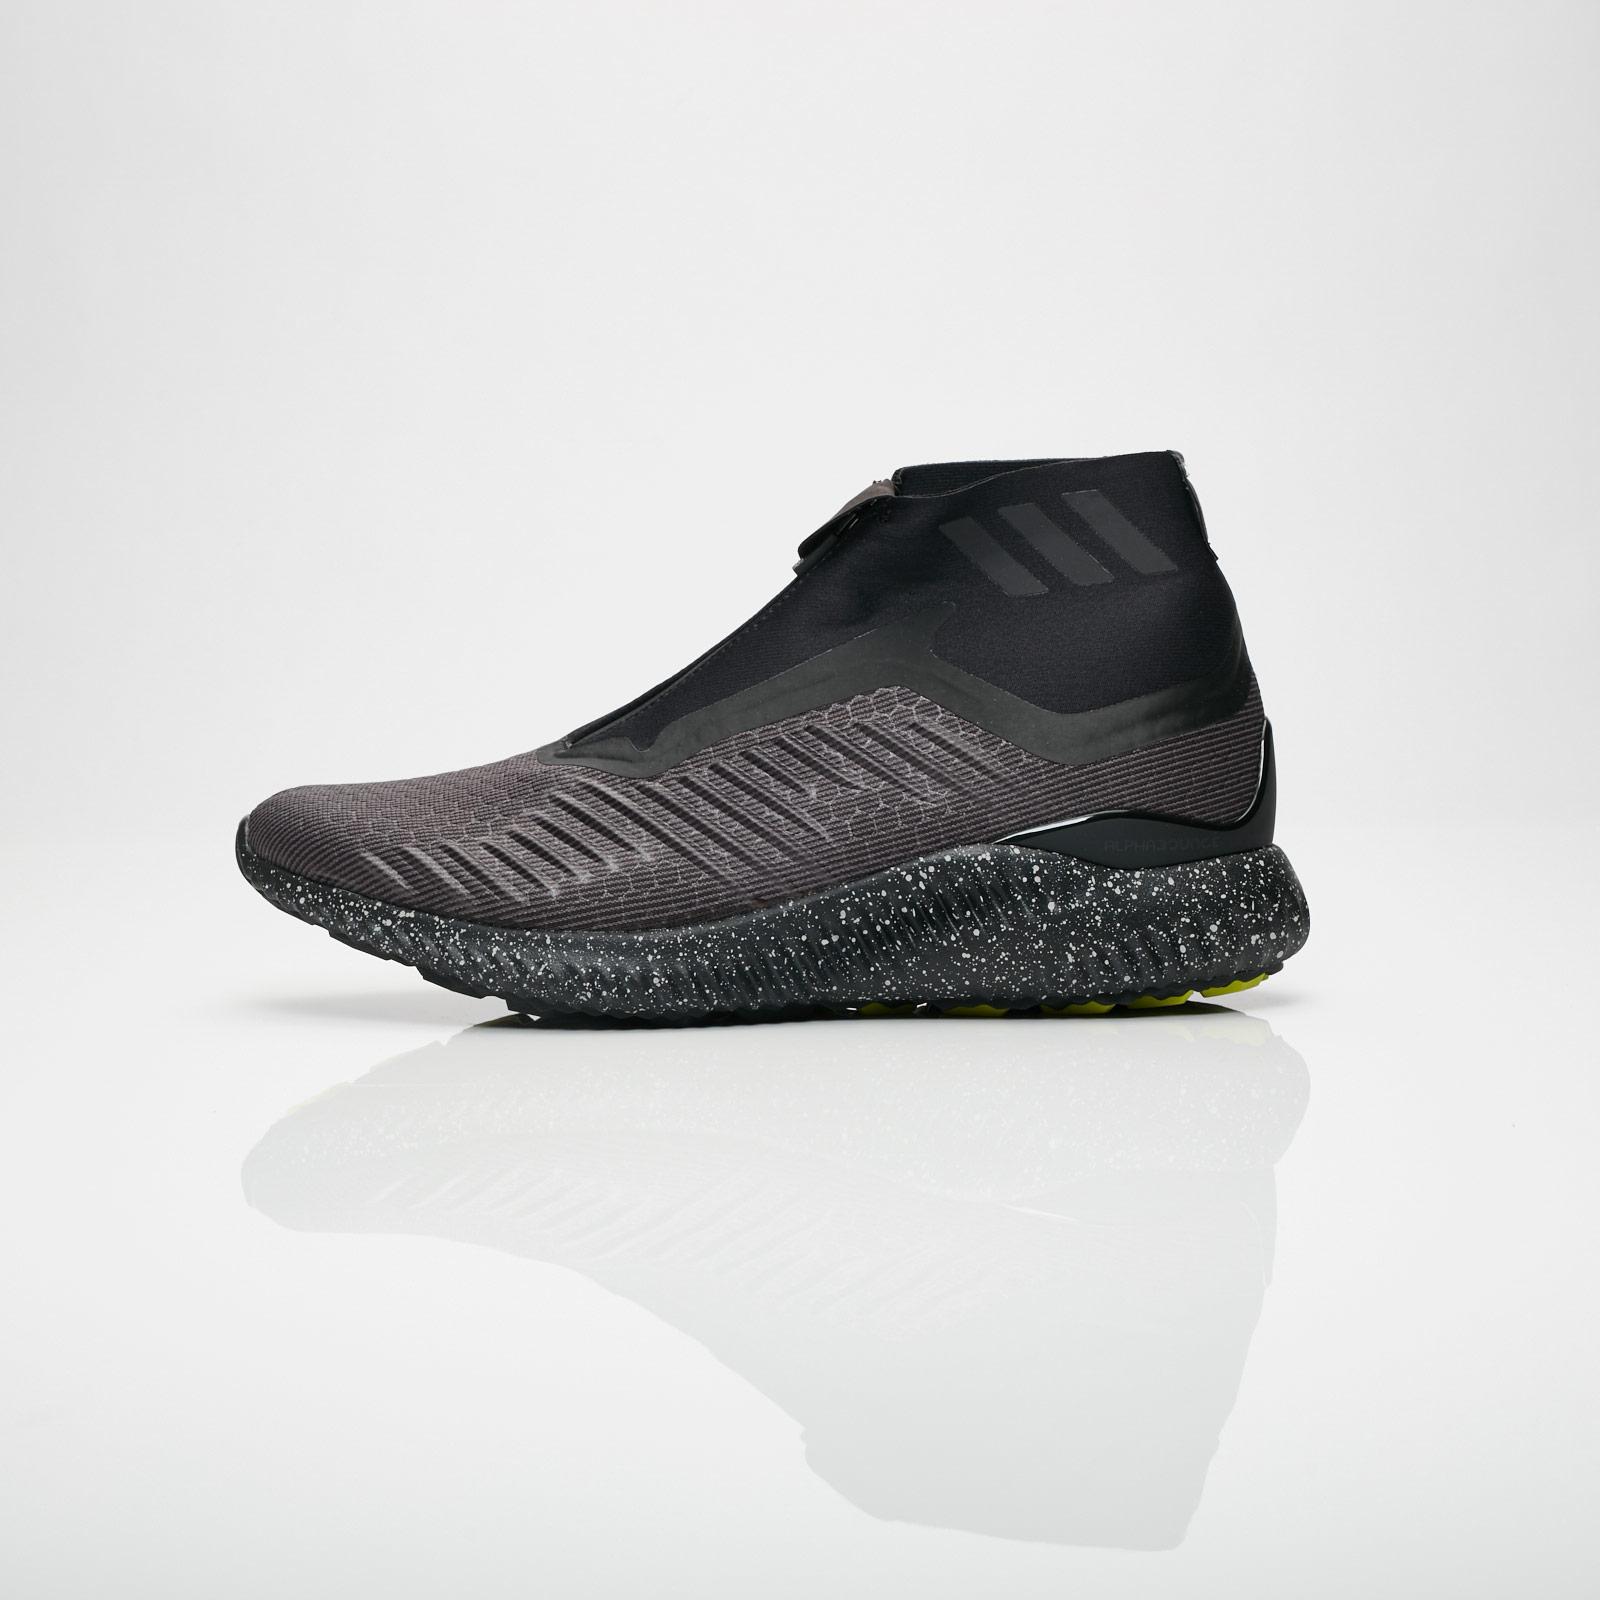 adidas Alphabounce Zip M Bw1386 et Basketsnstuff Baskets et Bw1386 0fd0eb